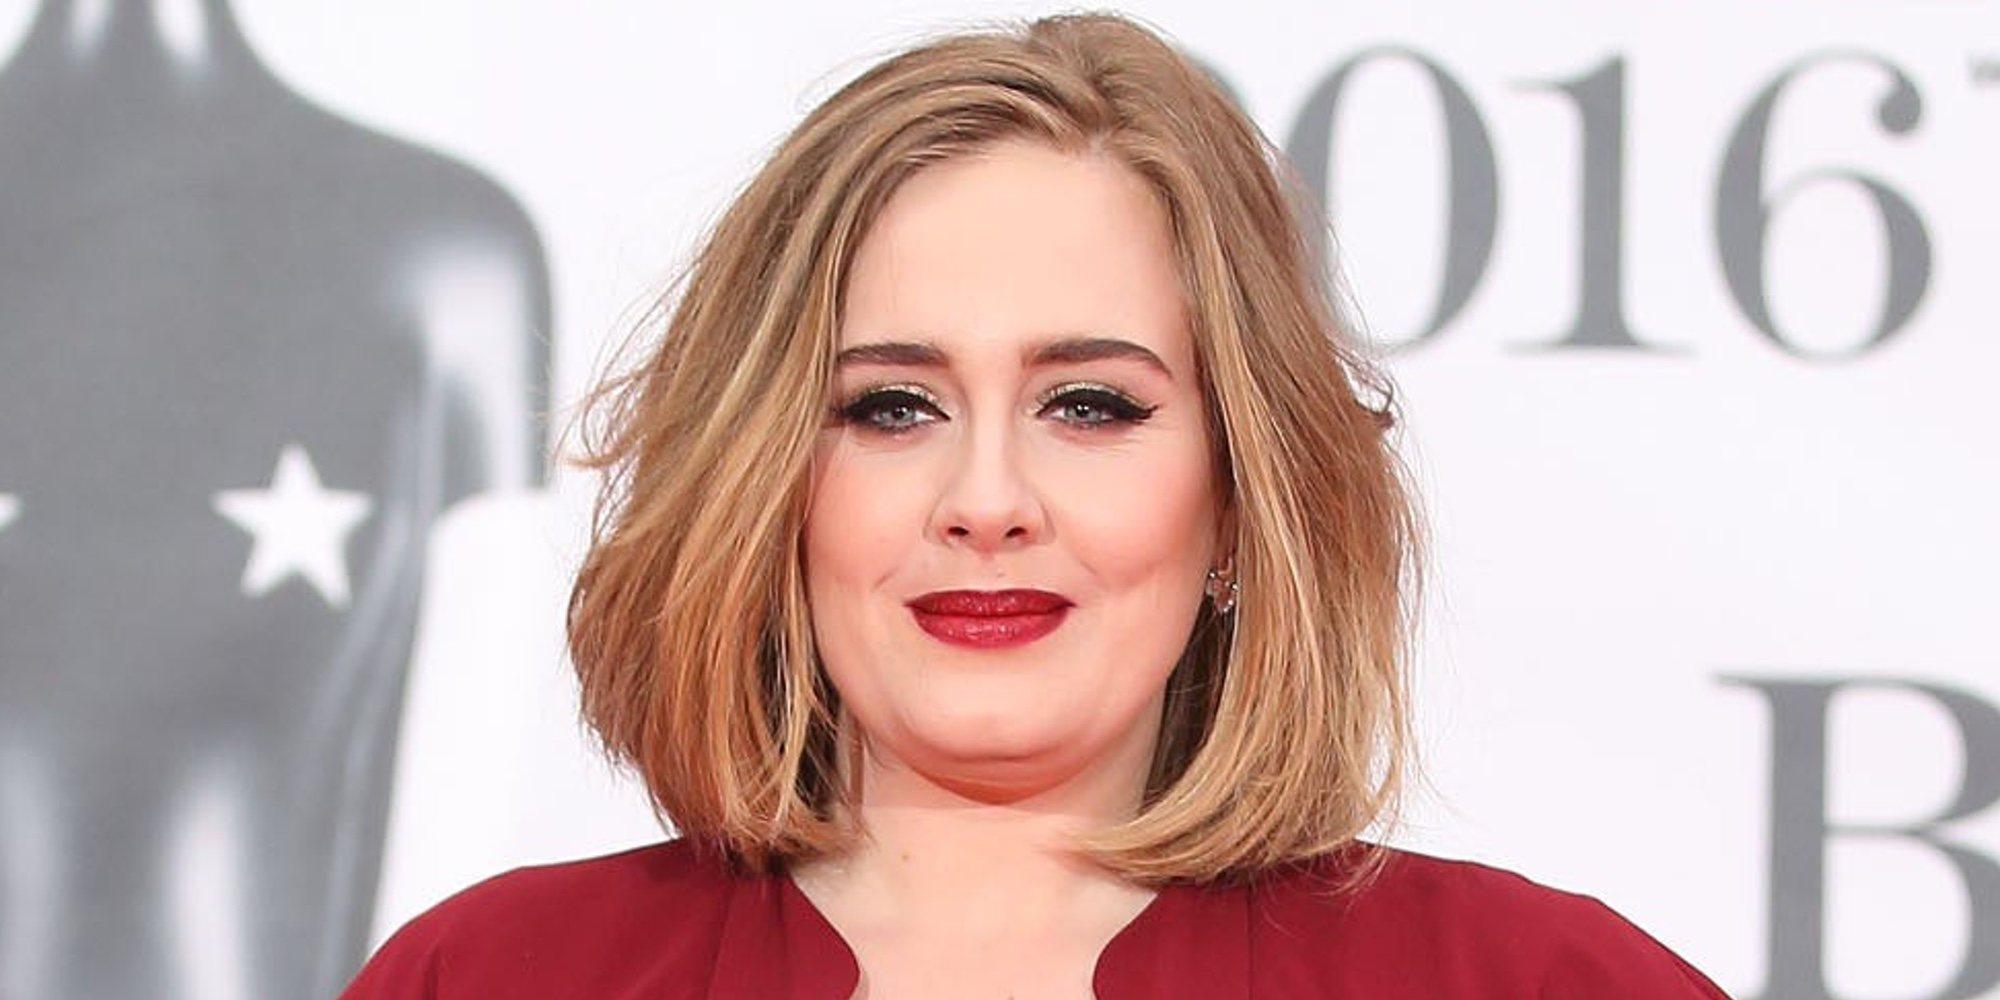 La dieta milagro que ha hecho perder 40 kilos a Adele en seis meses